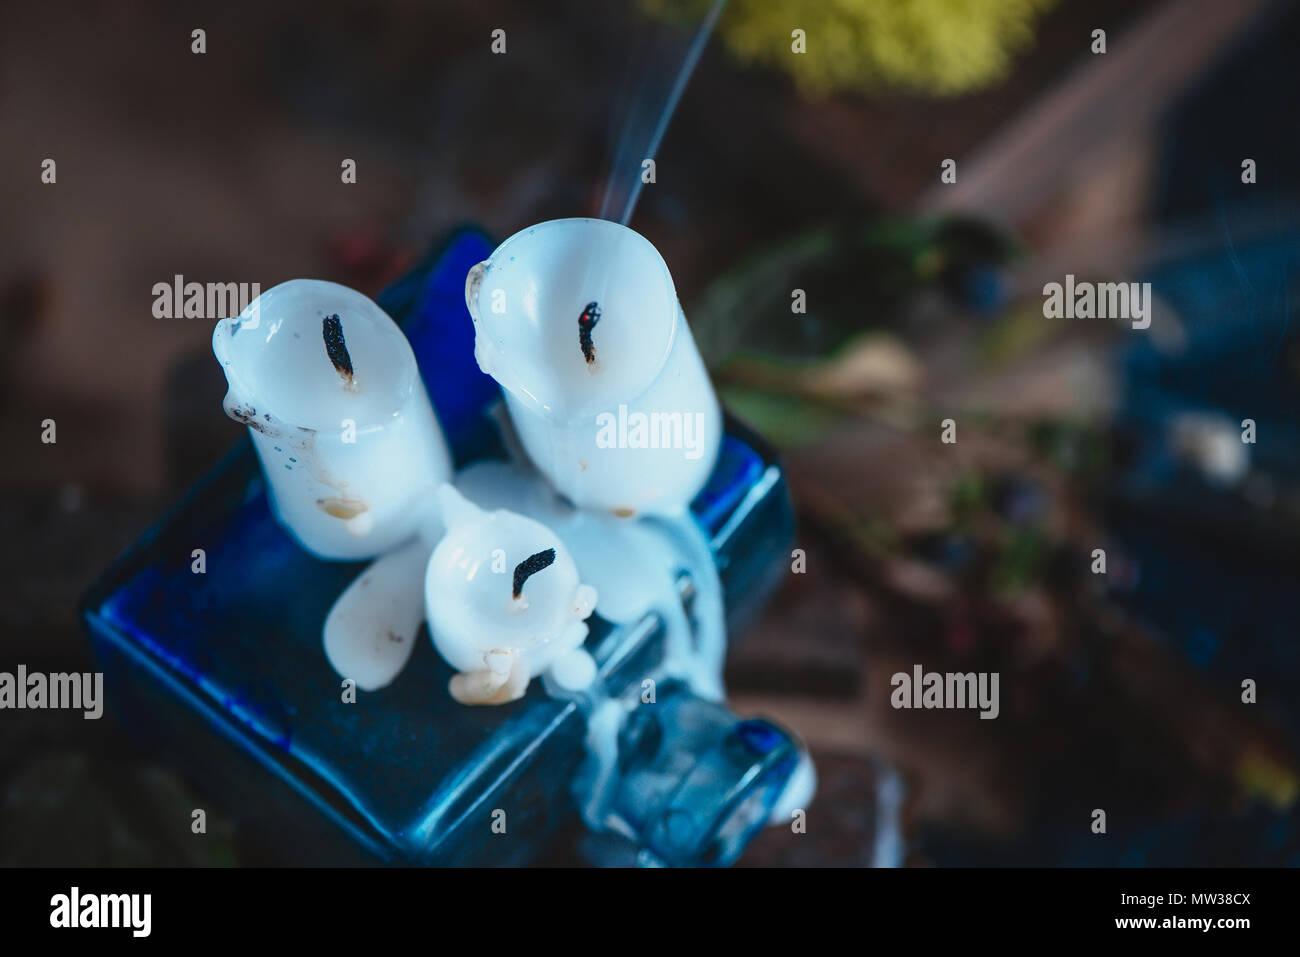 Gelöscht weißes Wachs Kerzen in einer magischen Stillleben mit Tränke und Moos. Okkulte Konzept mit kopieren. Stockbild